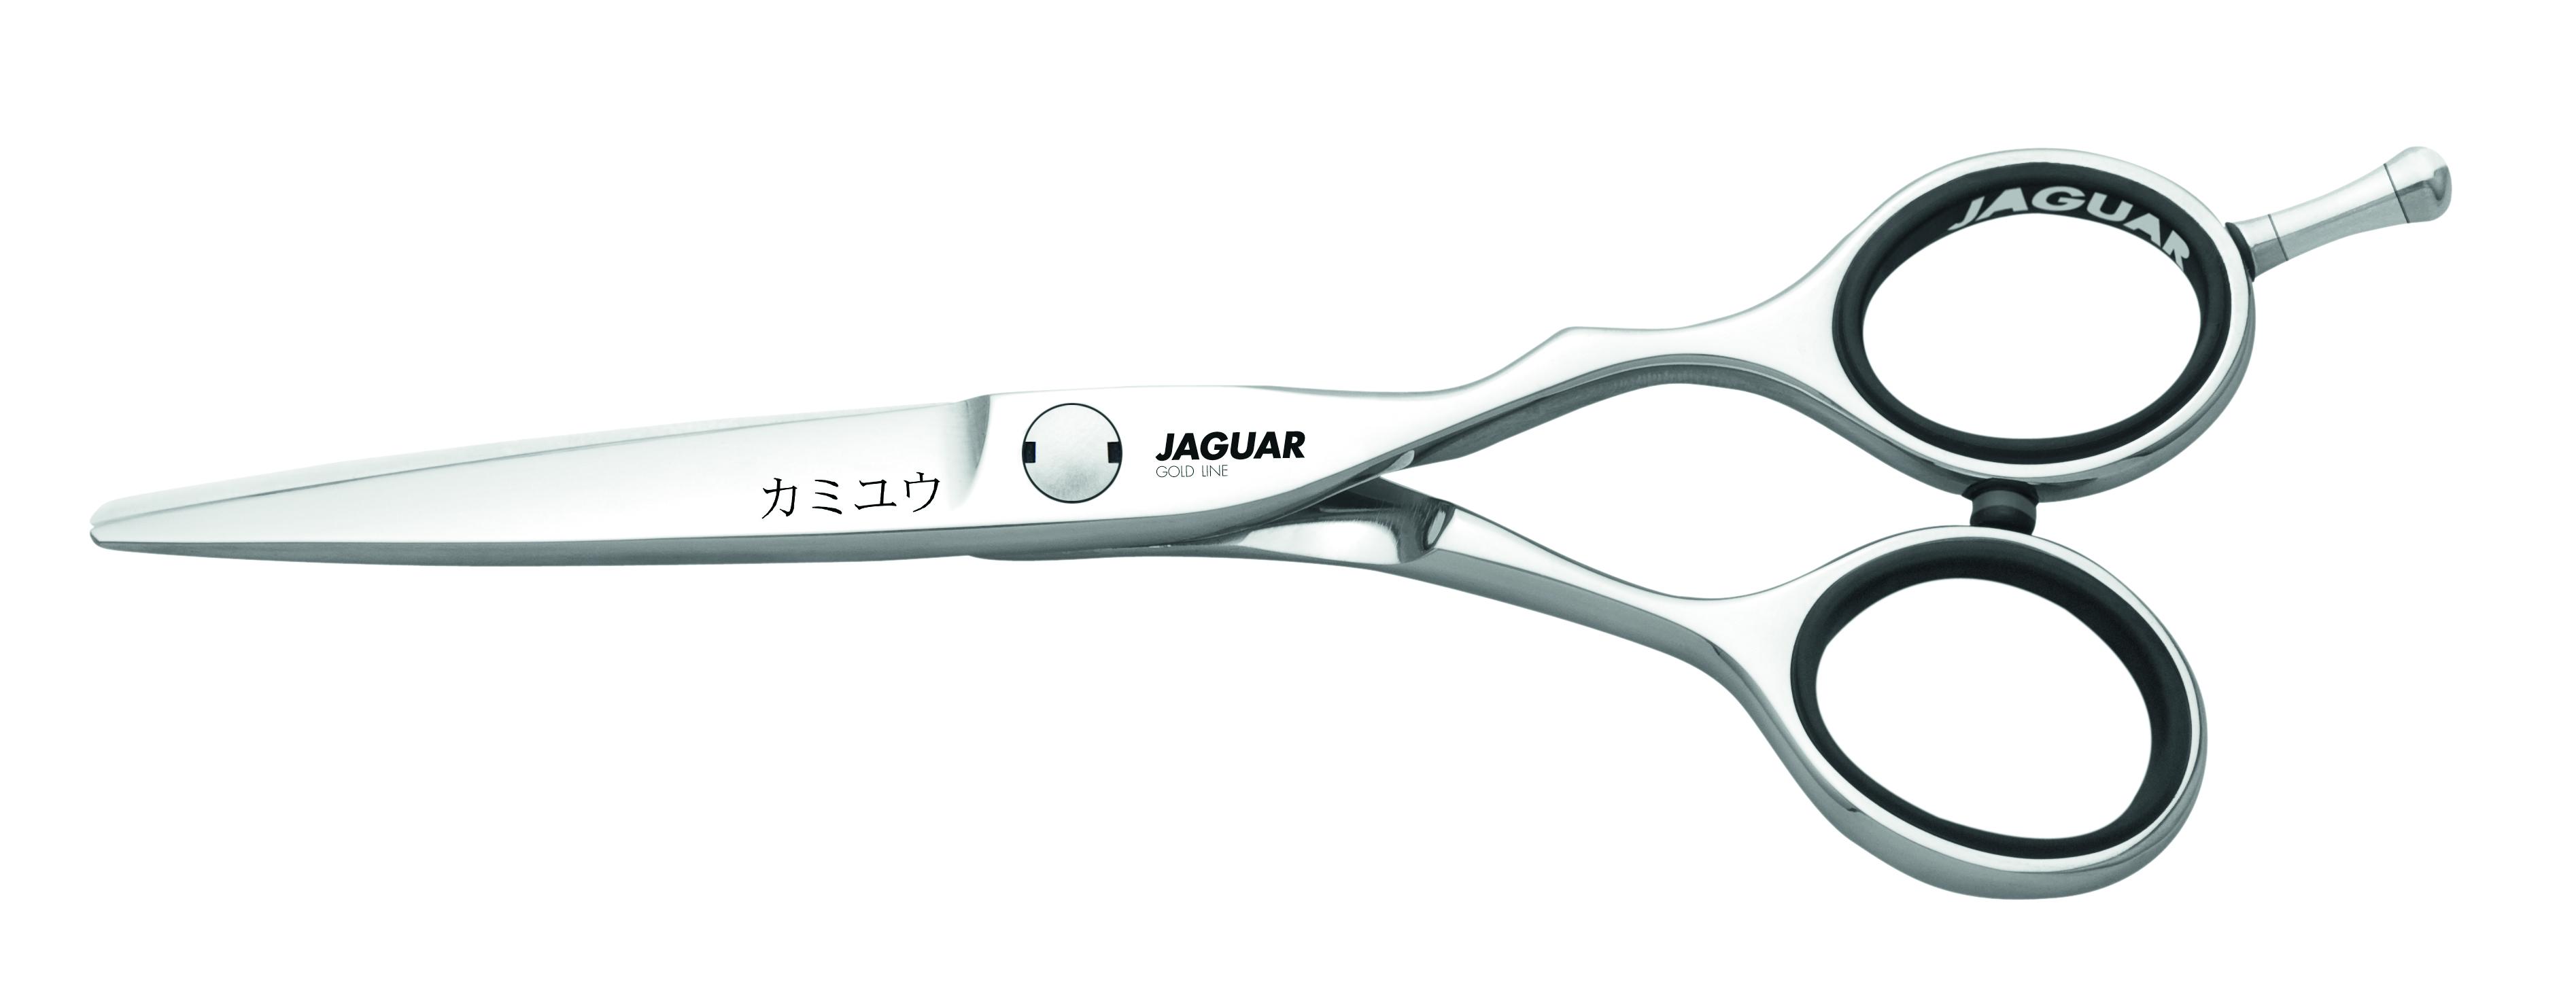 """Foarfece Jaguar Japan Kamiyu (5,75""""/15cm) *****"""